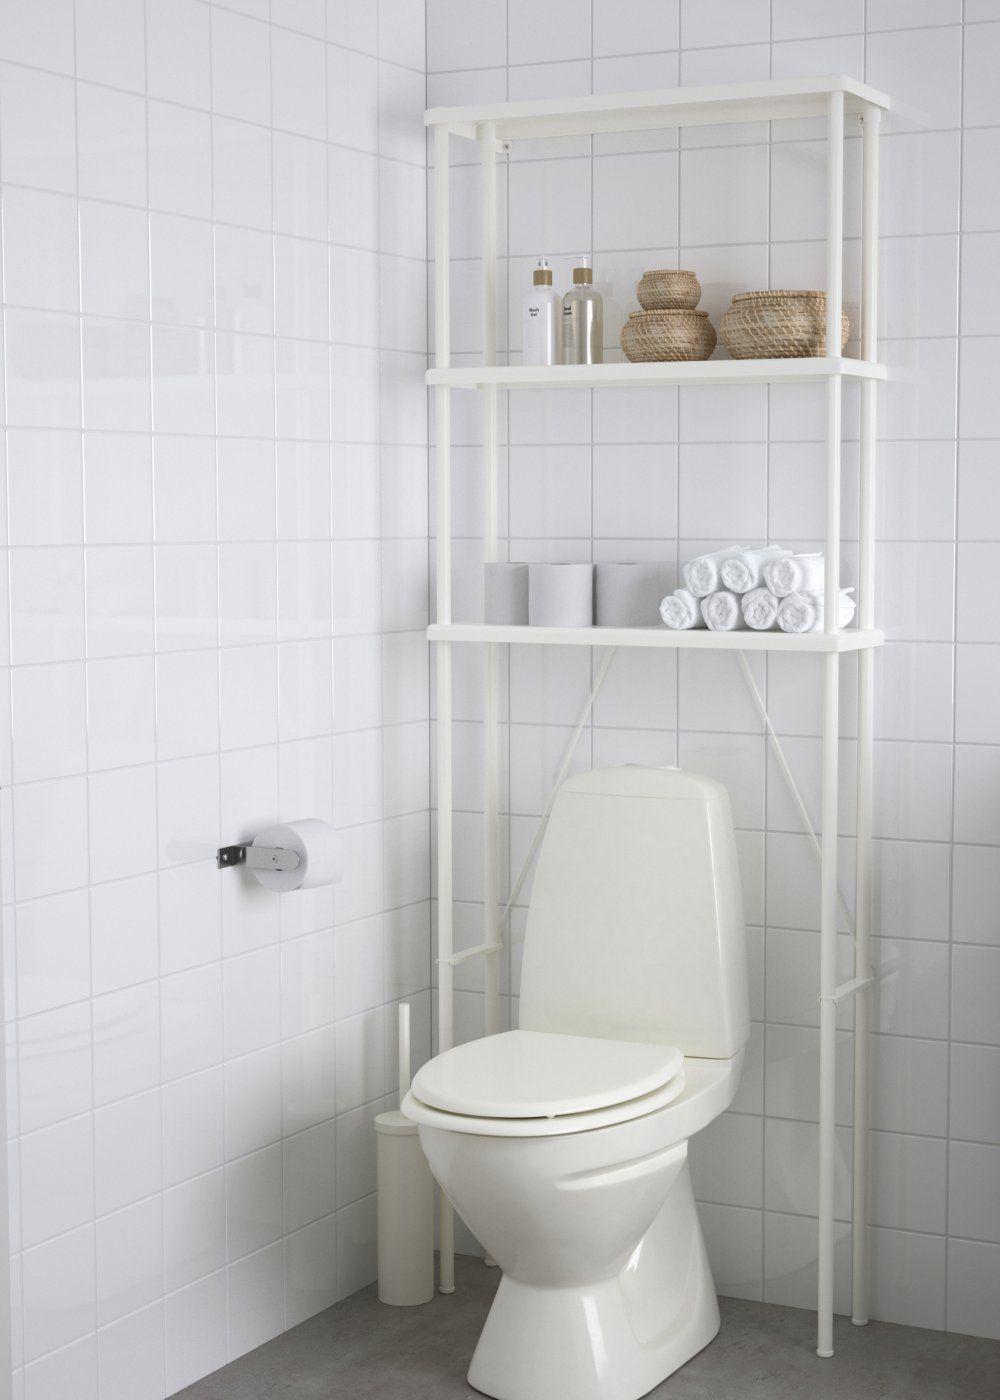 De 25 Idees Pour Decorer Vos Wc Rangement Ouvert Ikea Deco Toilettes Rangement Ouvert